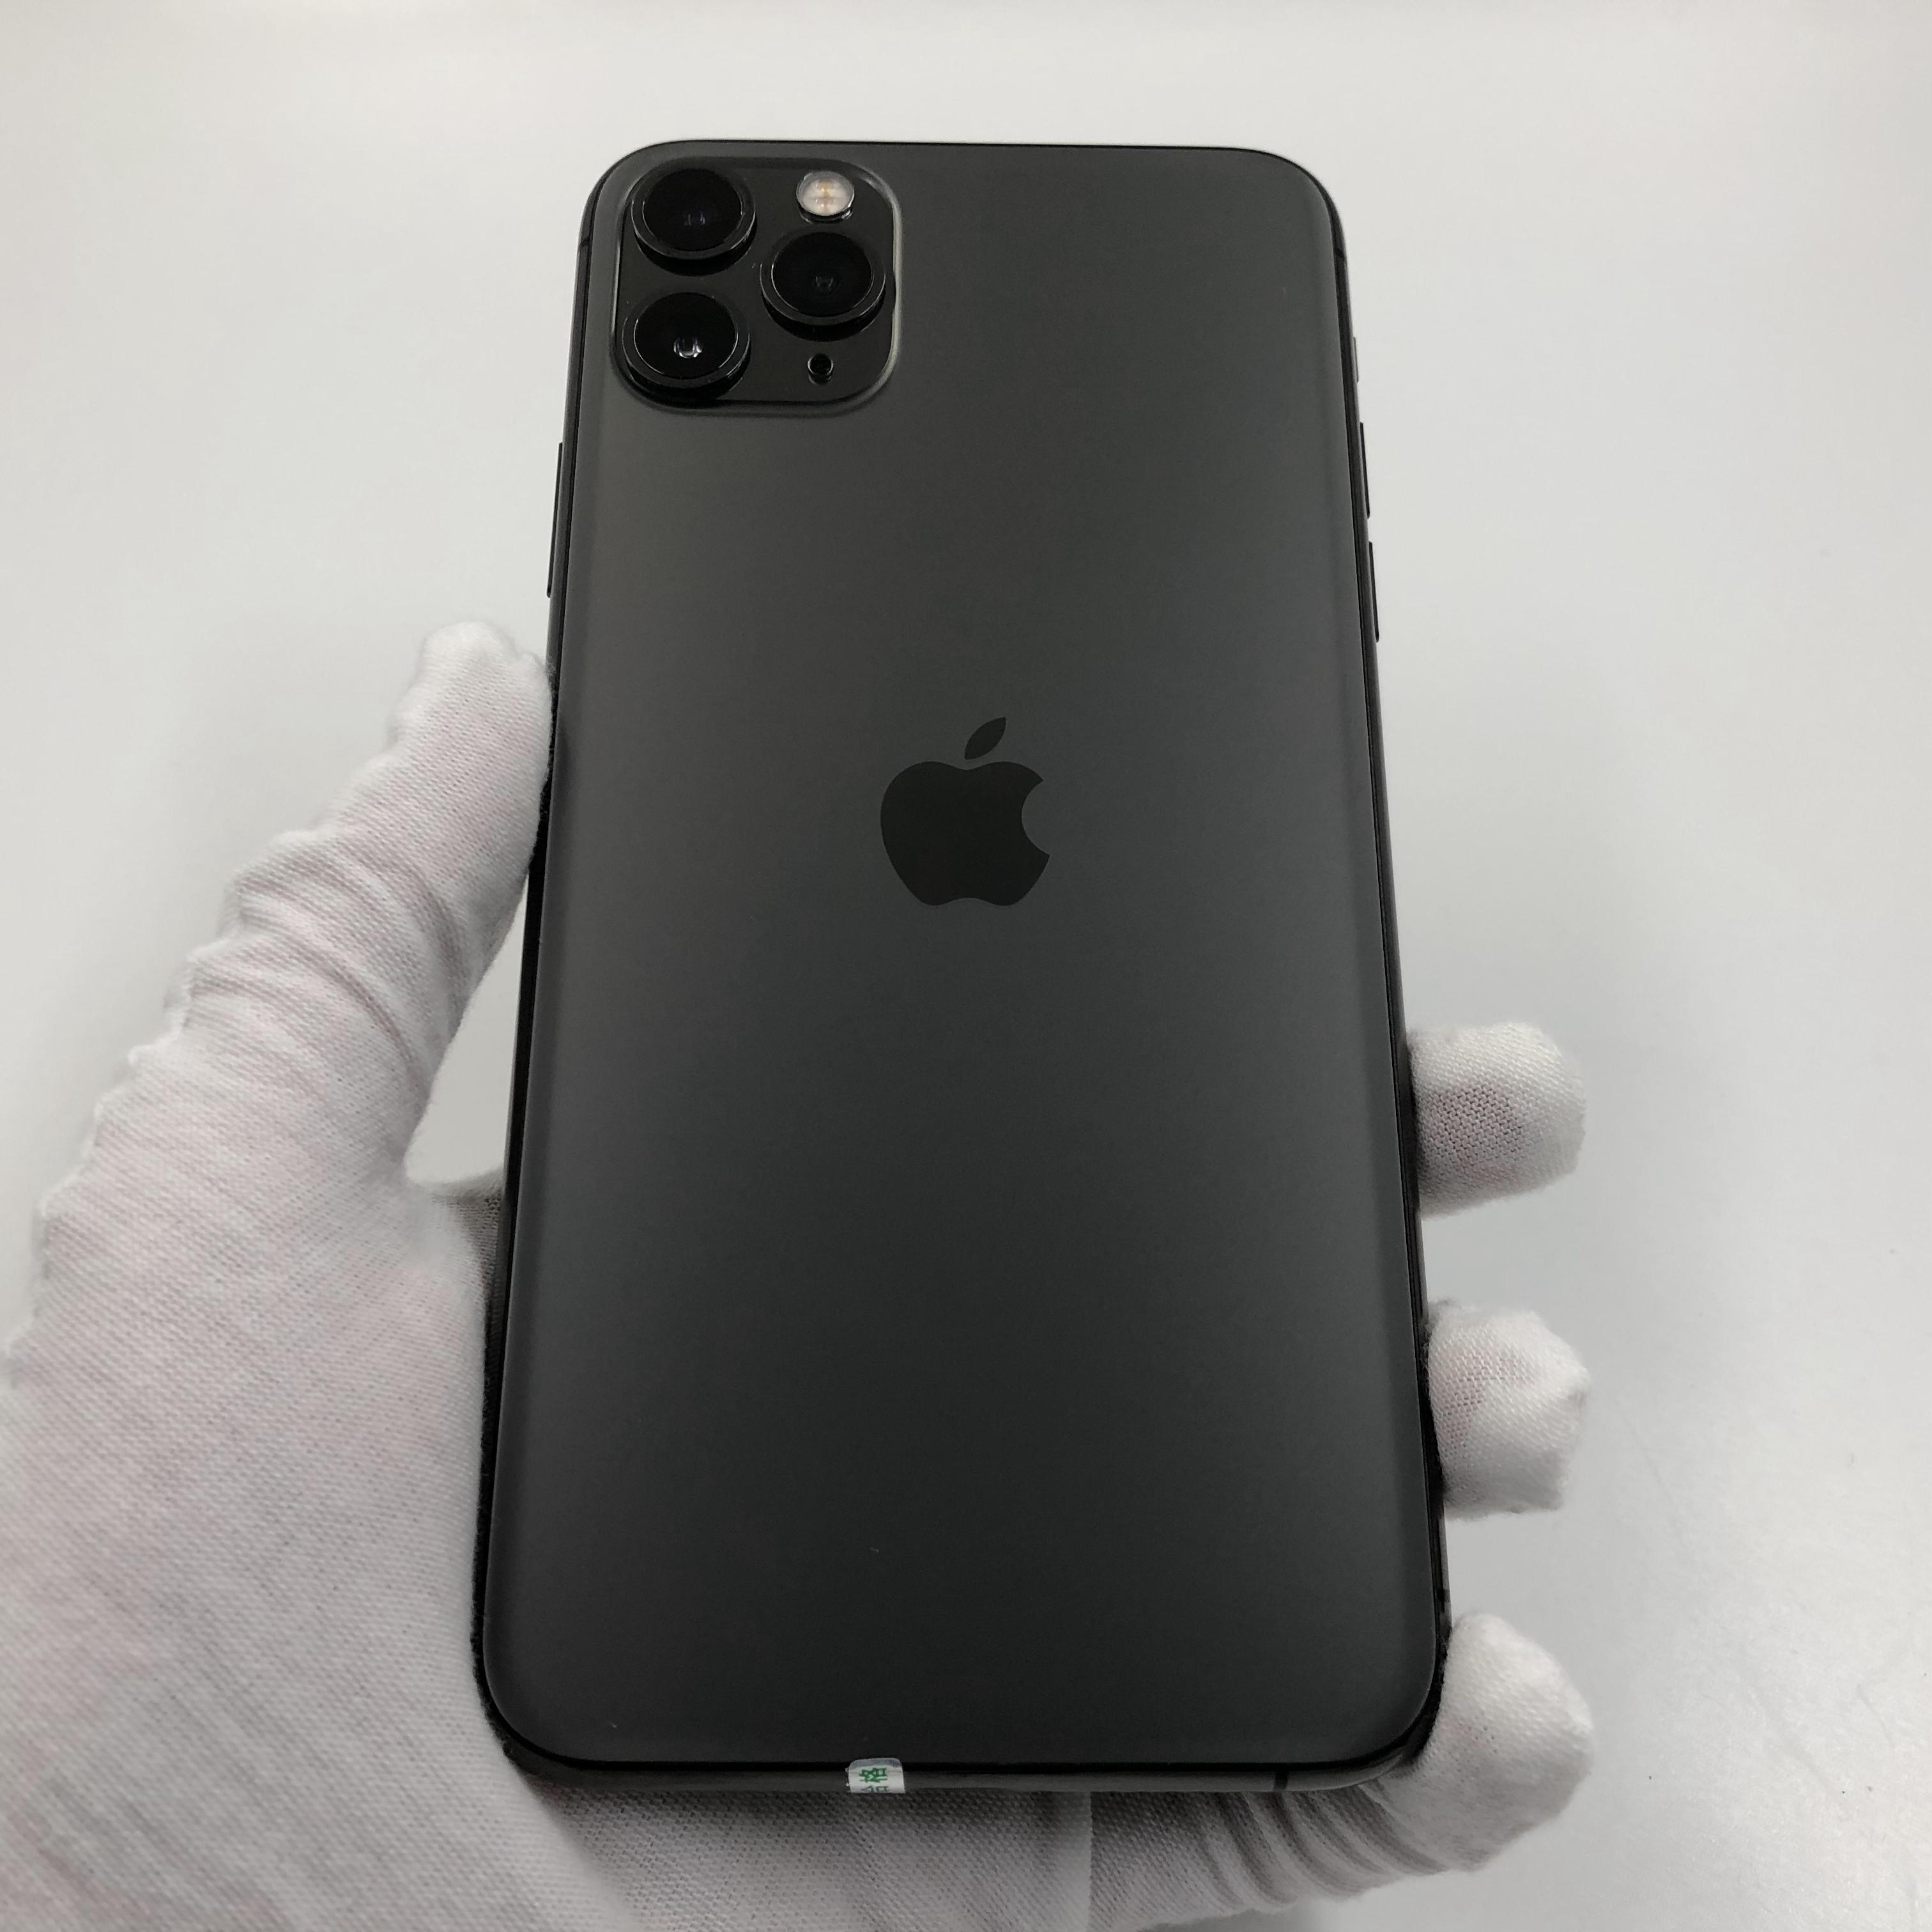 苹果【iPhone 11 Pro Max】4G全网通 深空灰 64G 国行 8成新 真机实拍